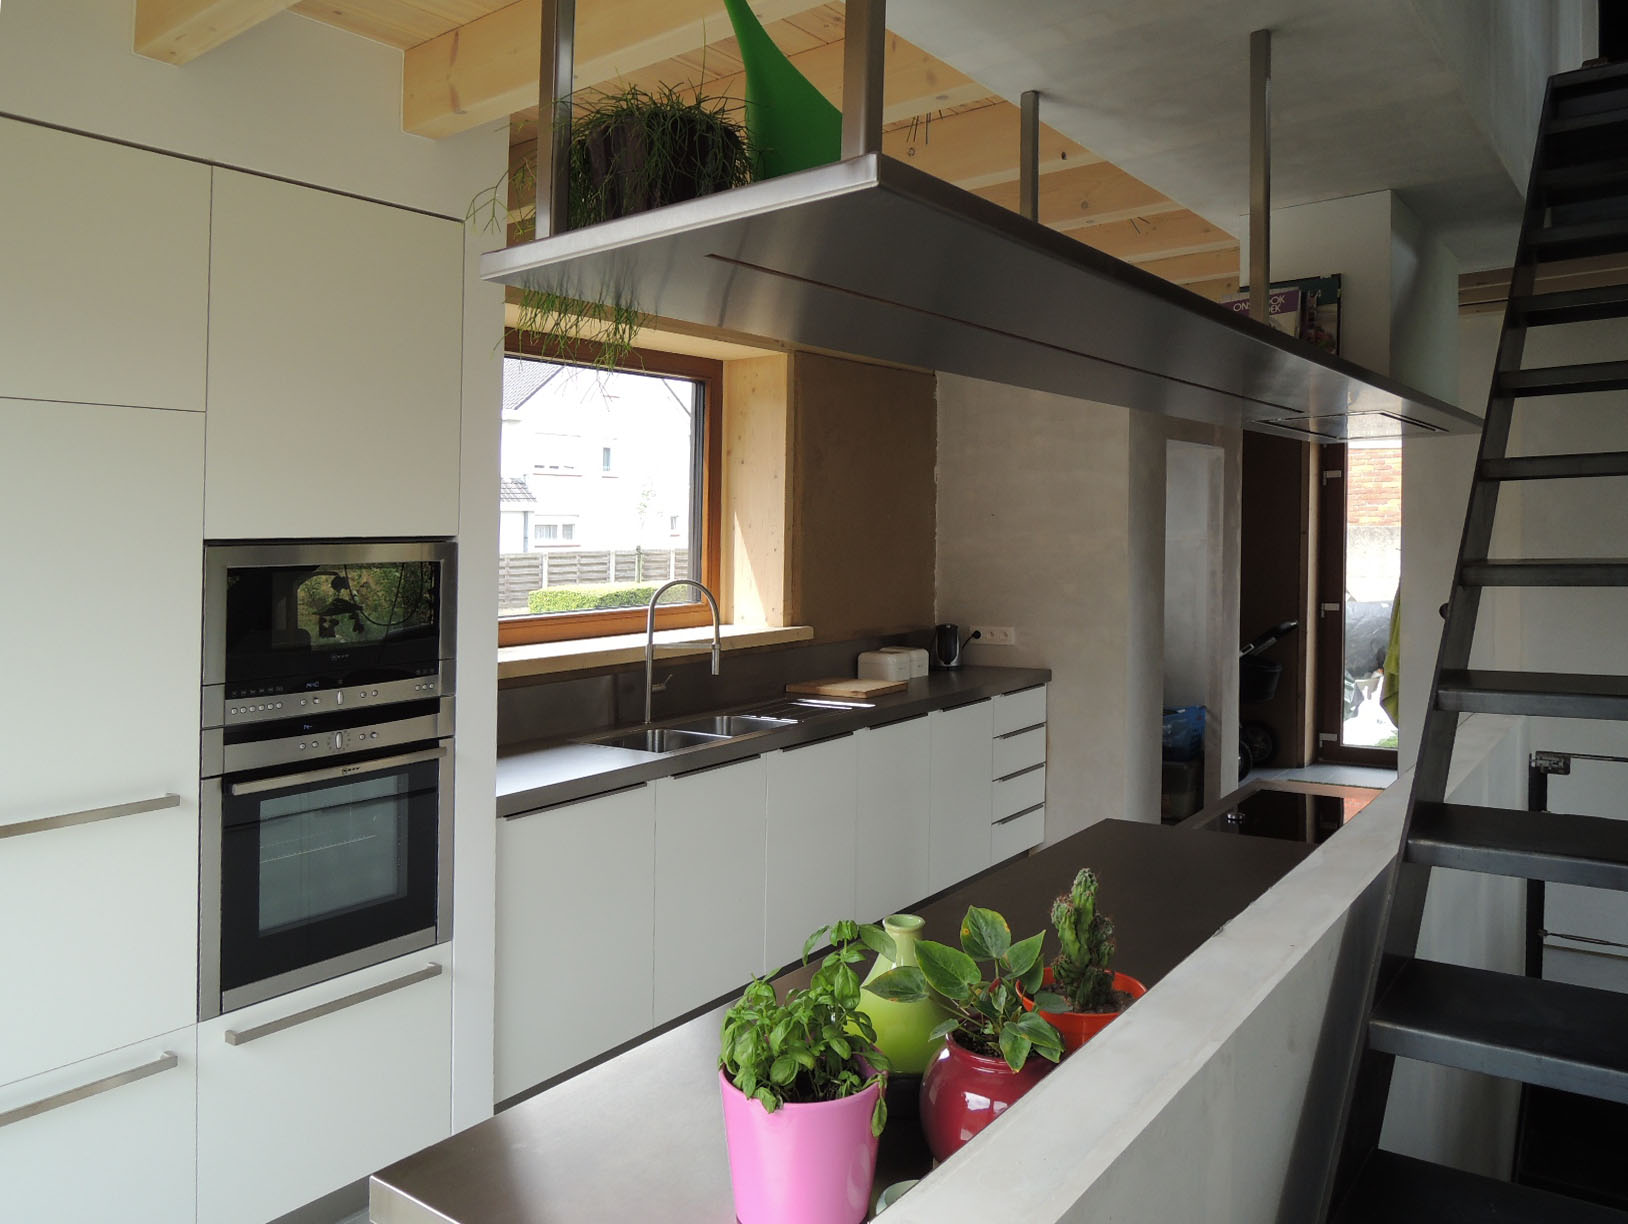 Keuken industriÃ«le look — indemaak